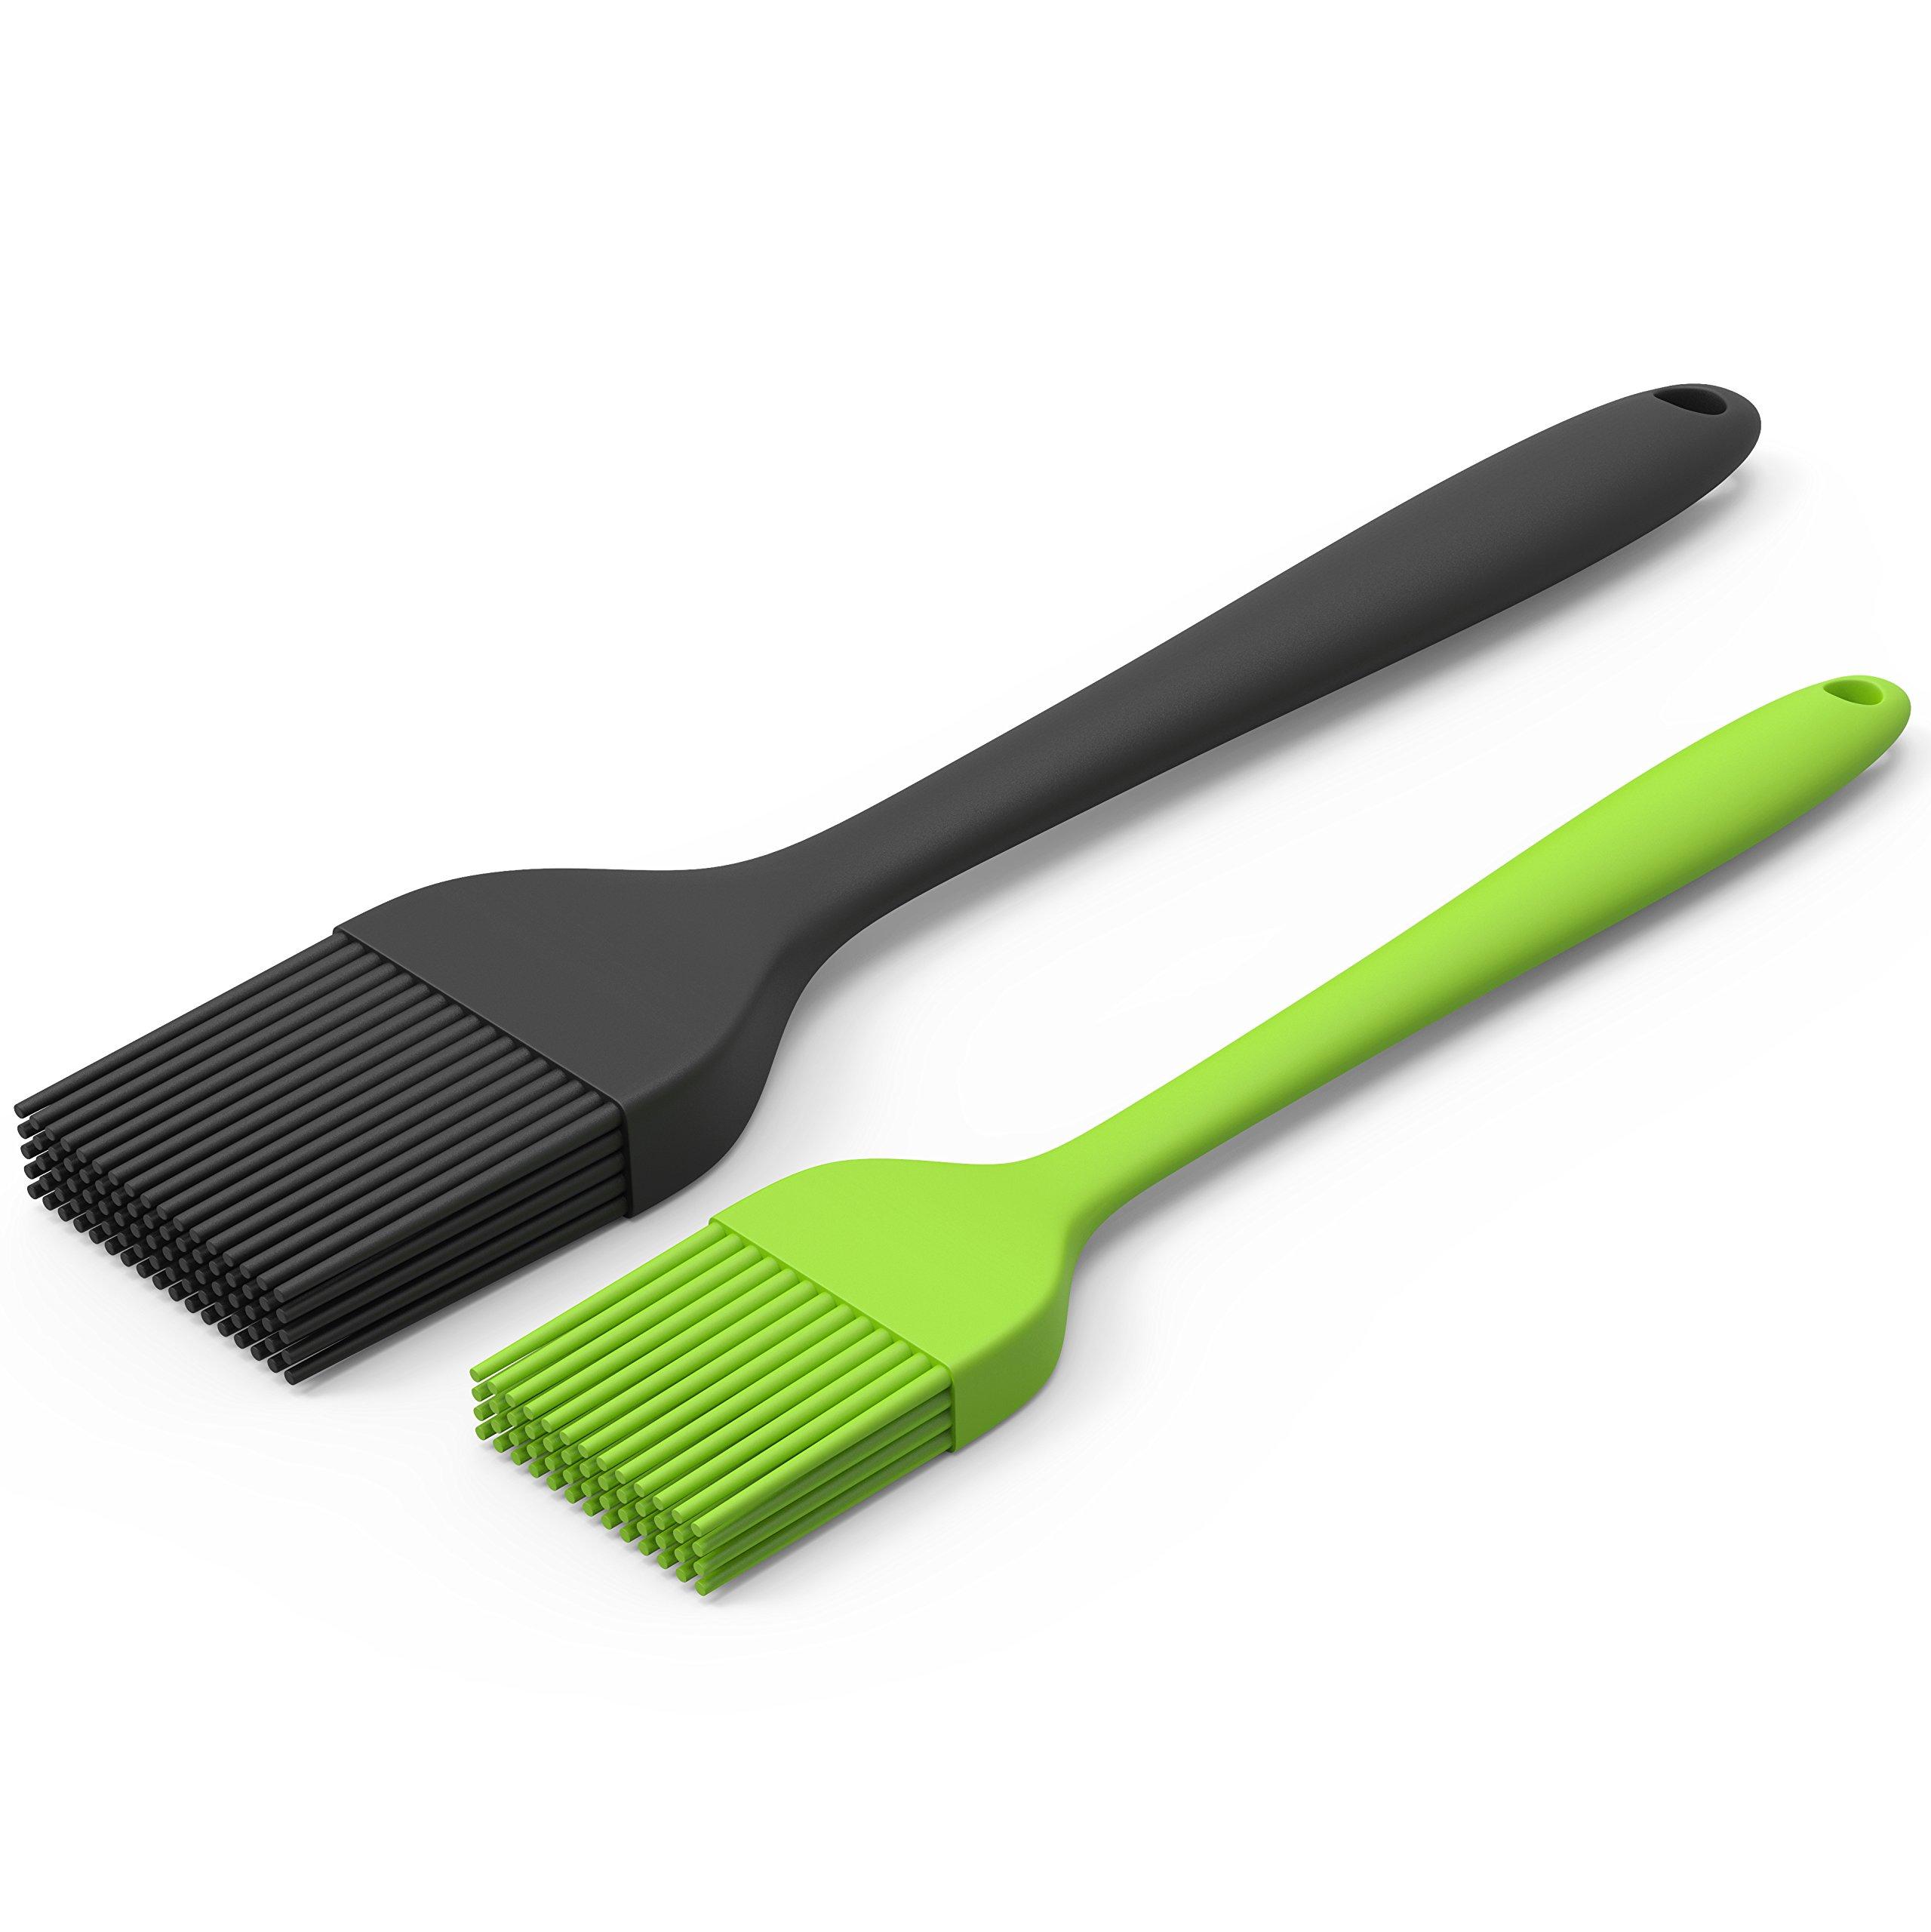 Silicone Pastry Brush Set — 2 Pack — Heat Resistant Basting Brush Set Elegantly Designed + Dishwasher Safe — Large Black + Small Green Sizes Perfect For Baking, Grilling, Basting & Marinating by Montreal Baking (Image #1)